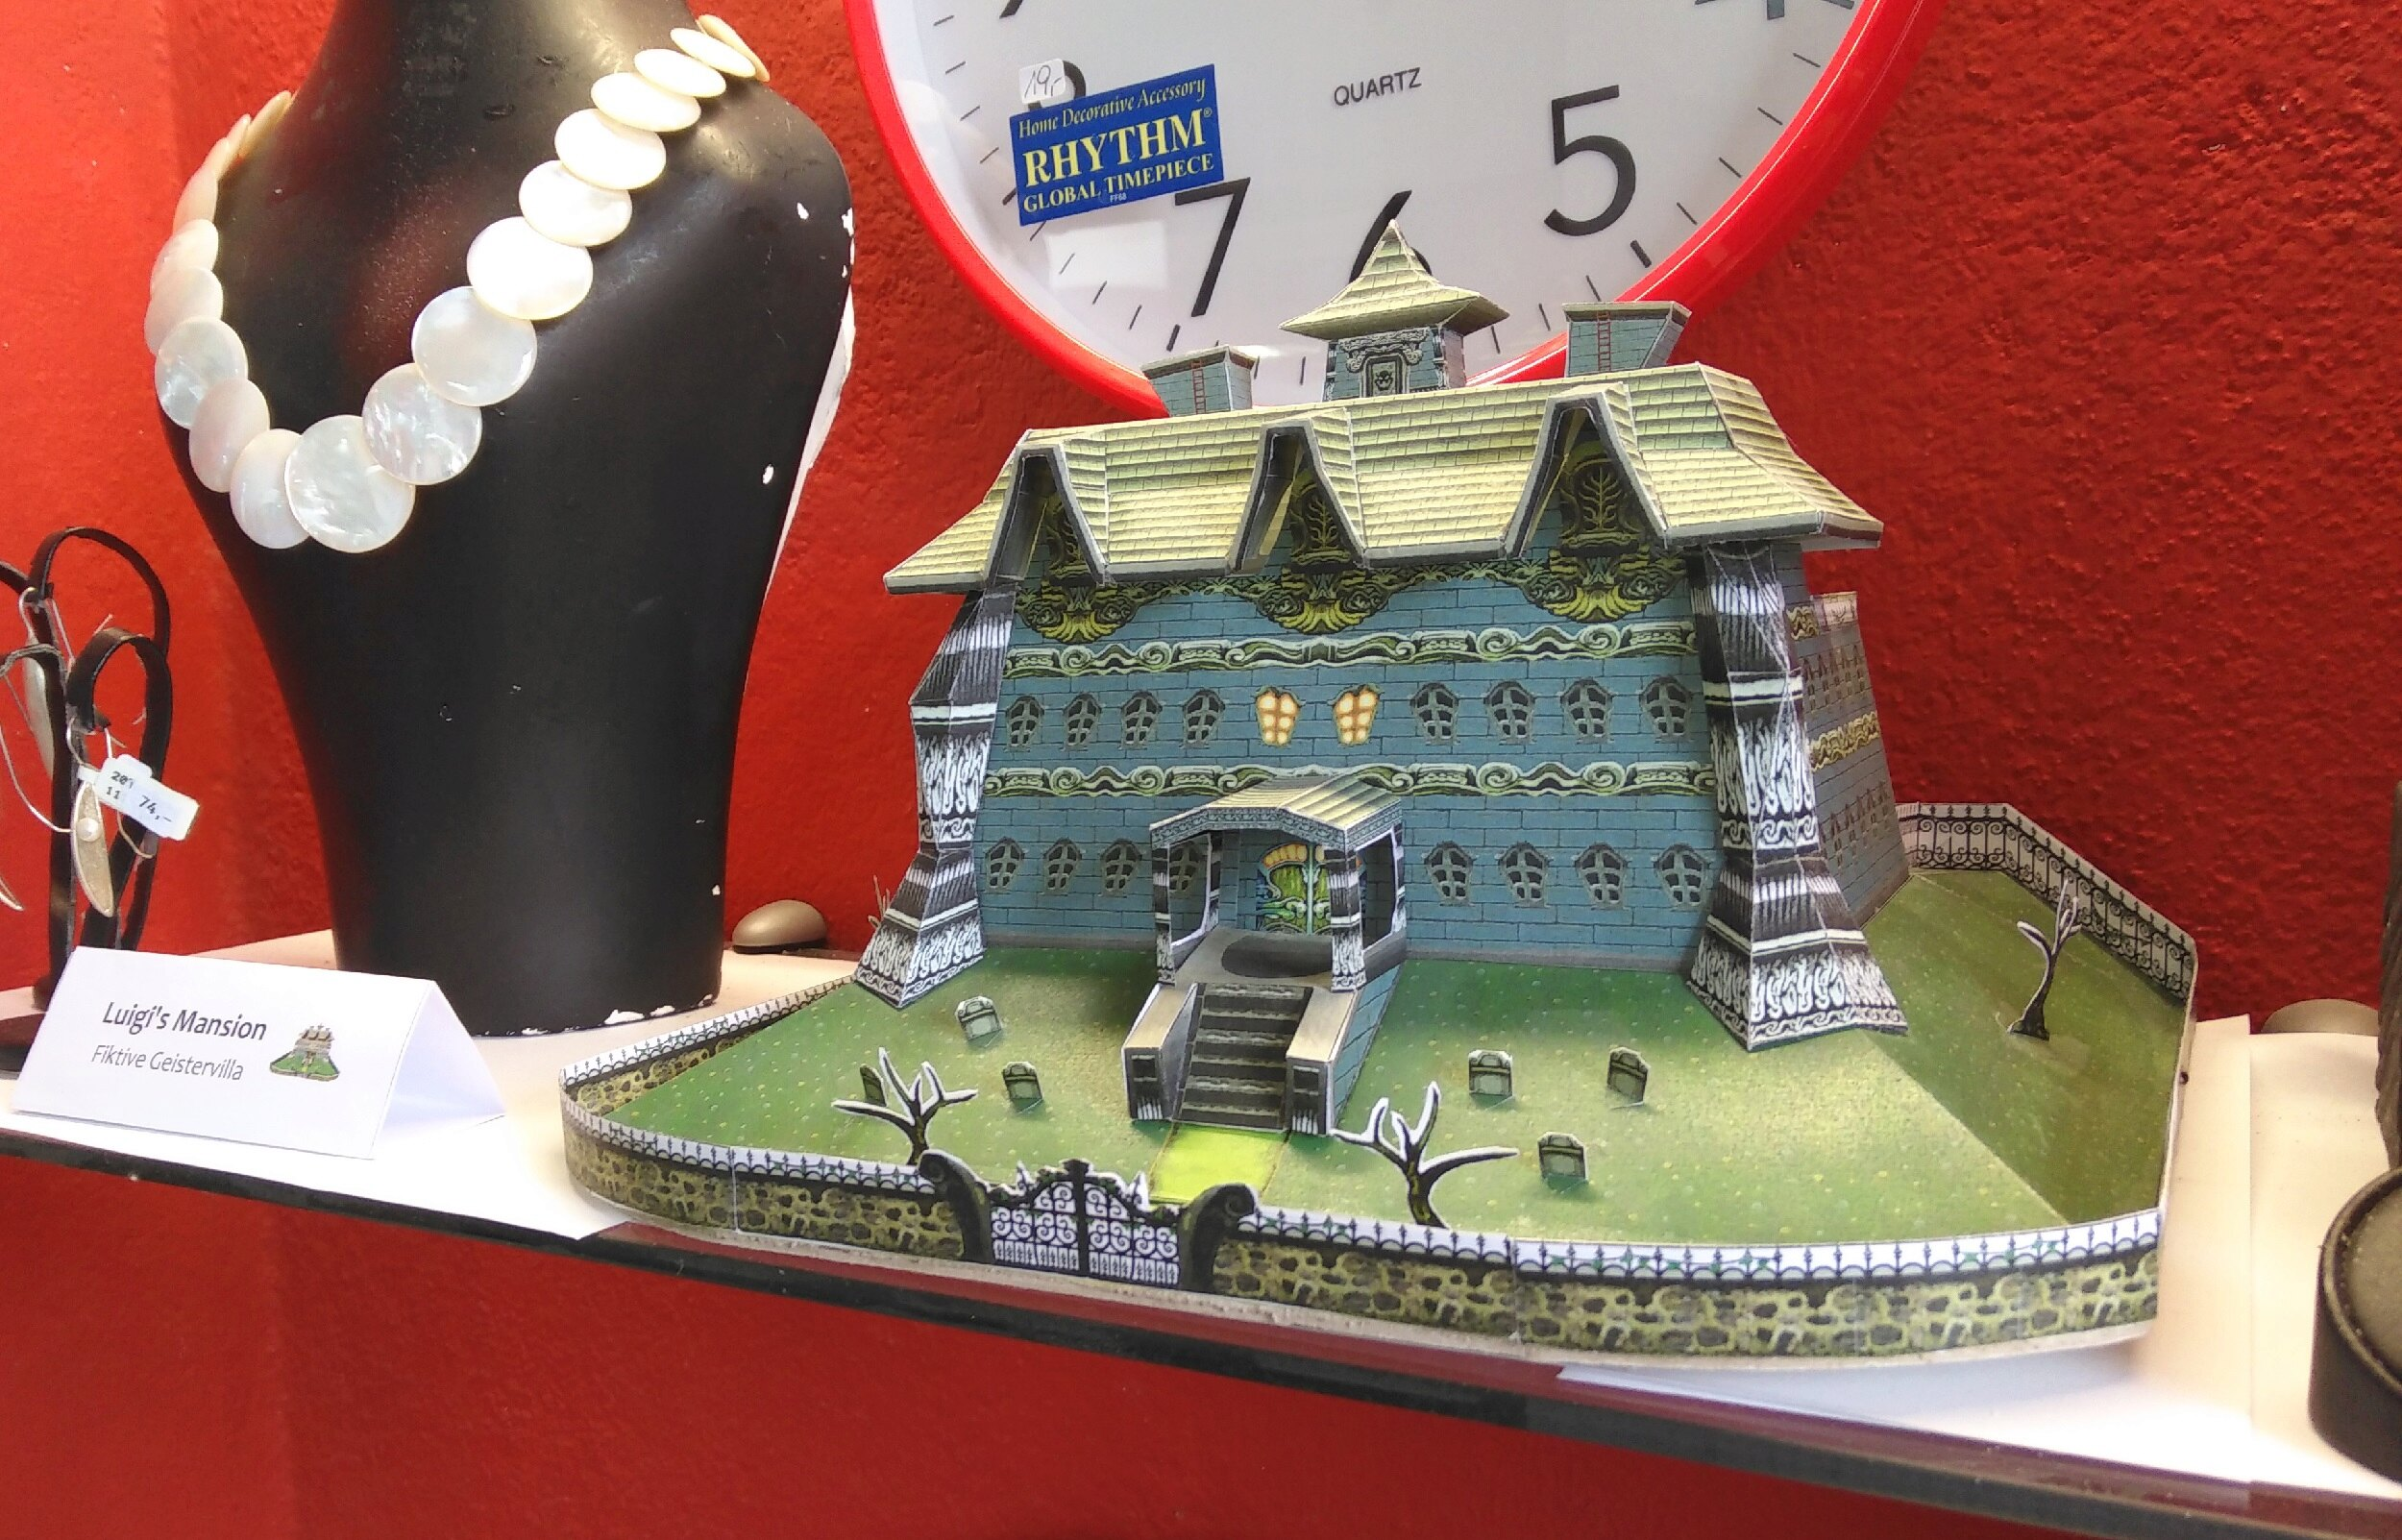 Luigi's Mansion - Die Gruselvilla aus dem Gamecube-Klassiker Schmol16